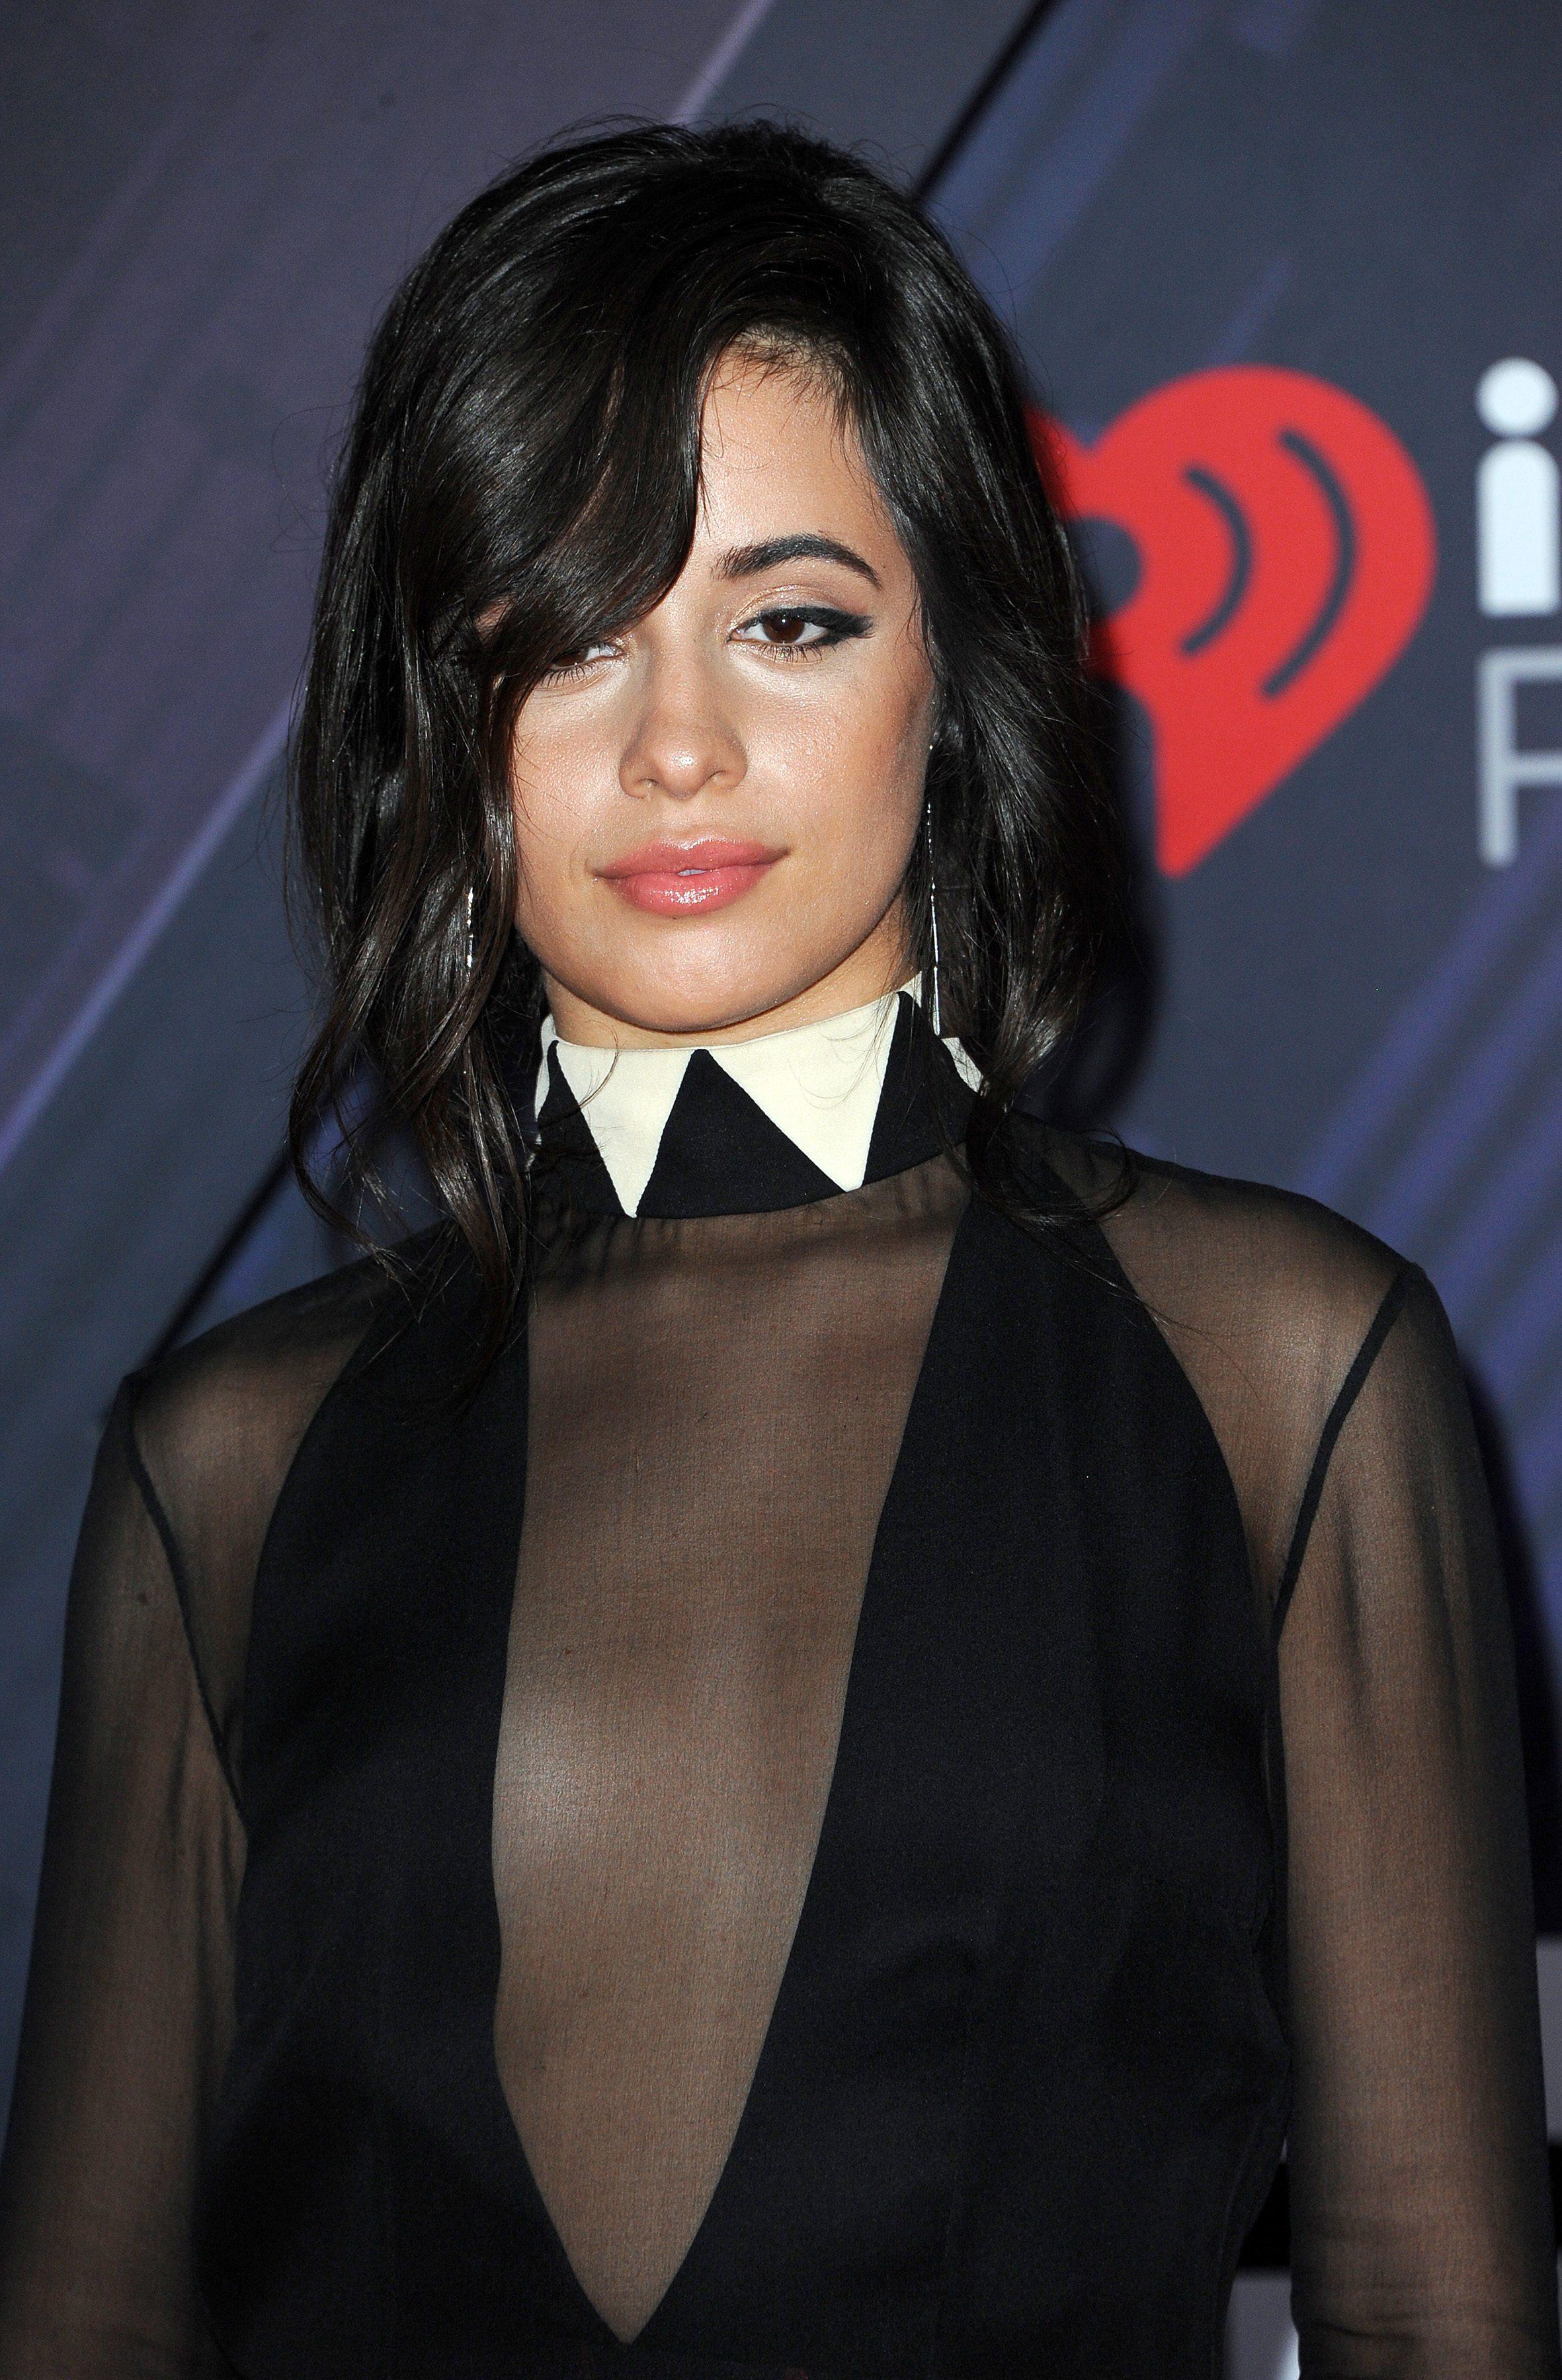 Camila Cabello's Long Side Bangs